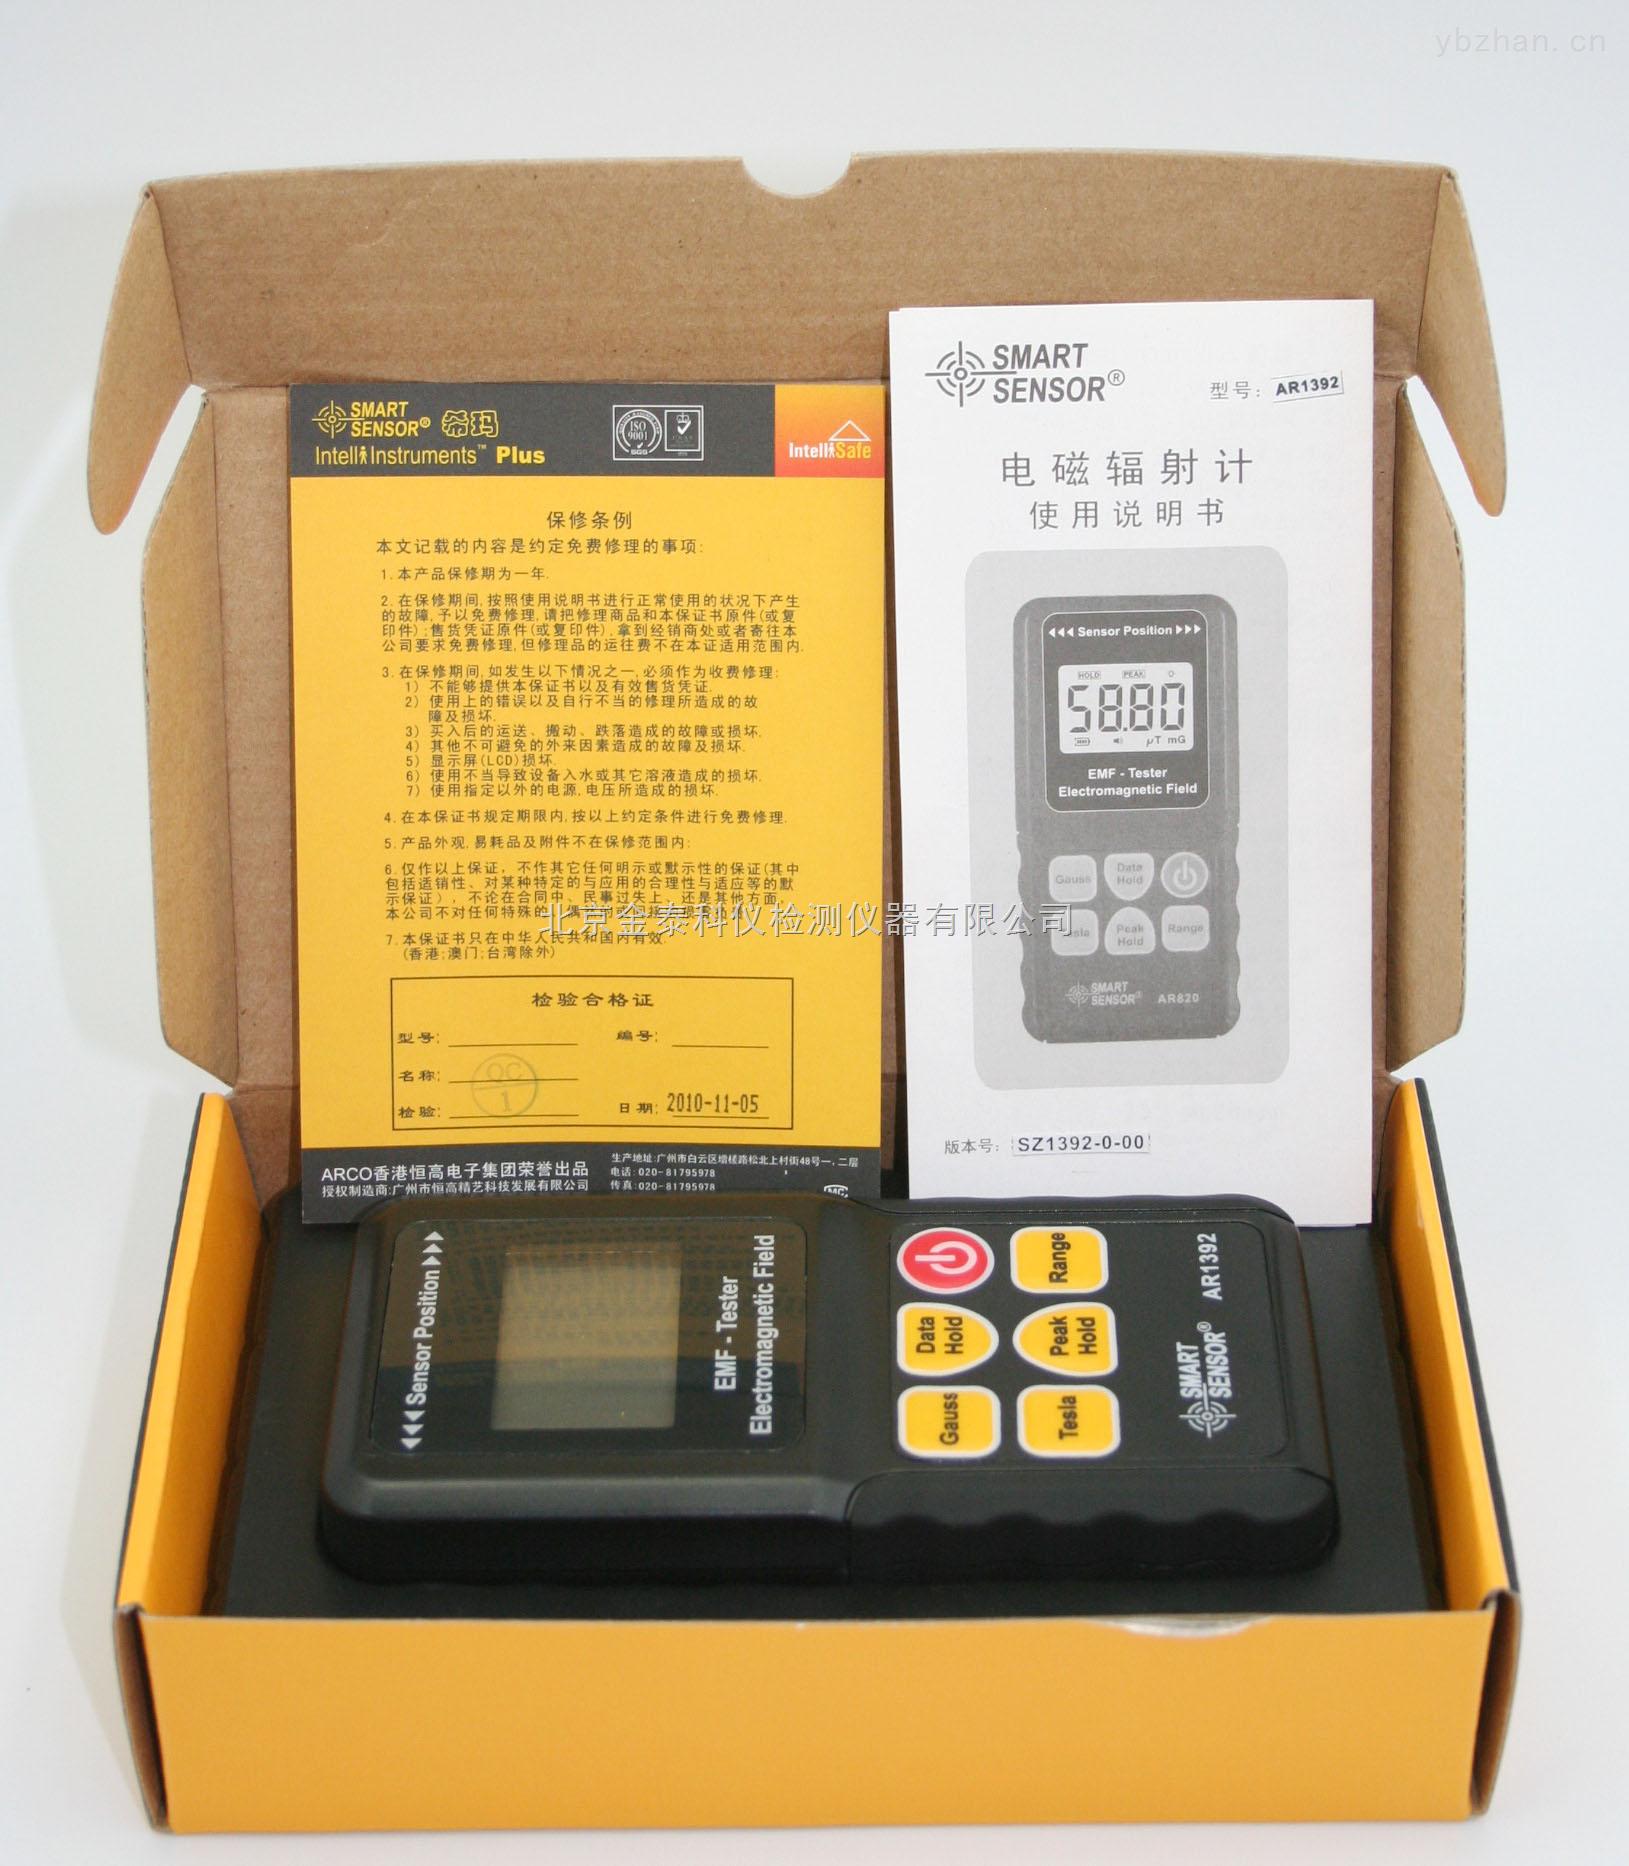 AR1392電磁輻射檢測儀